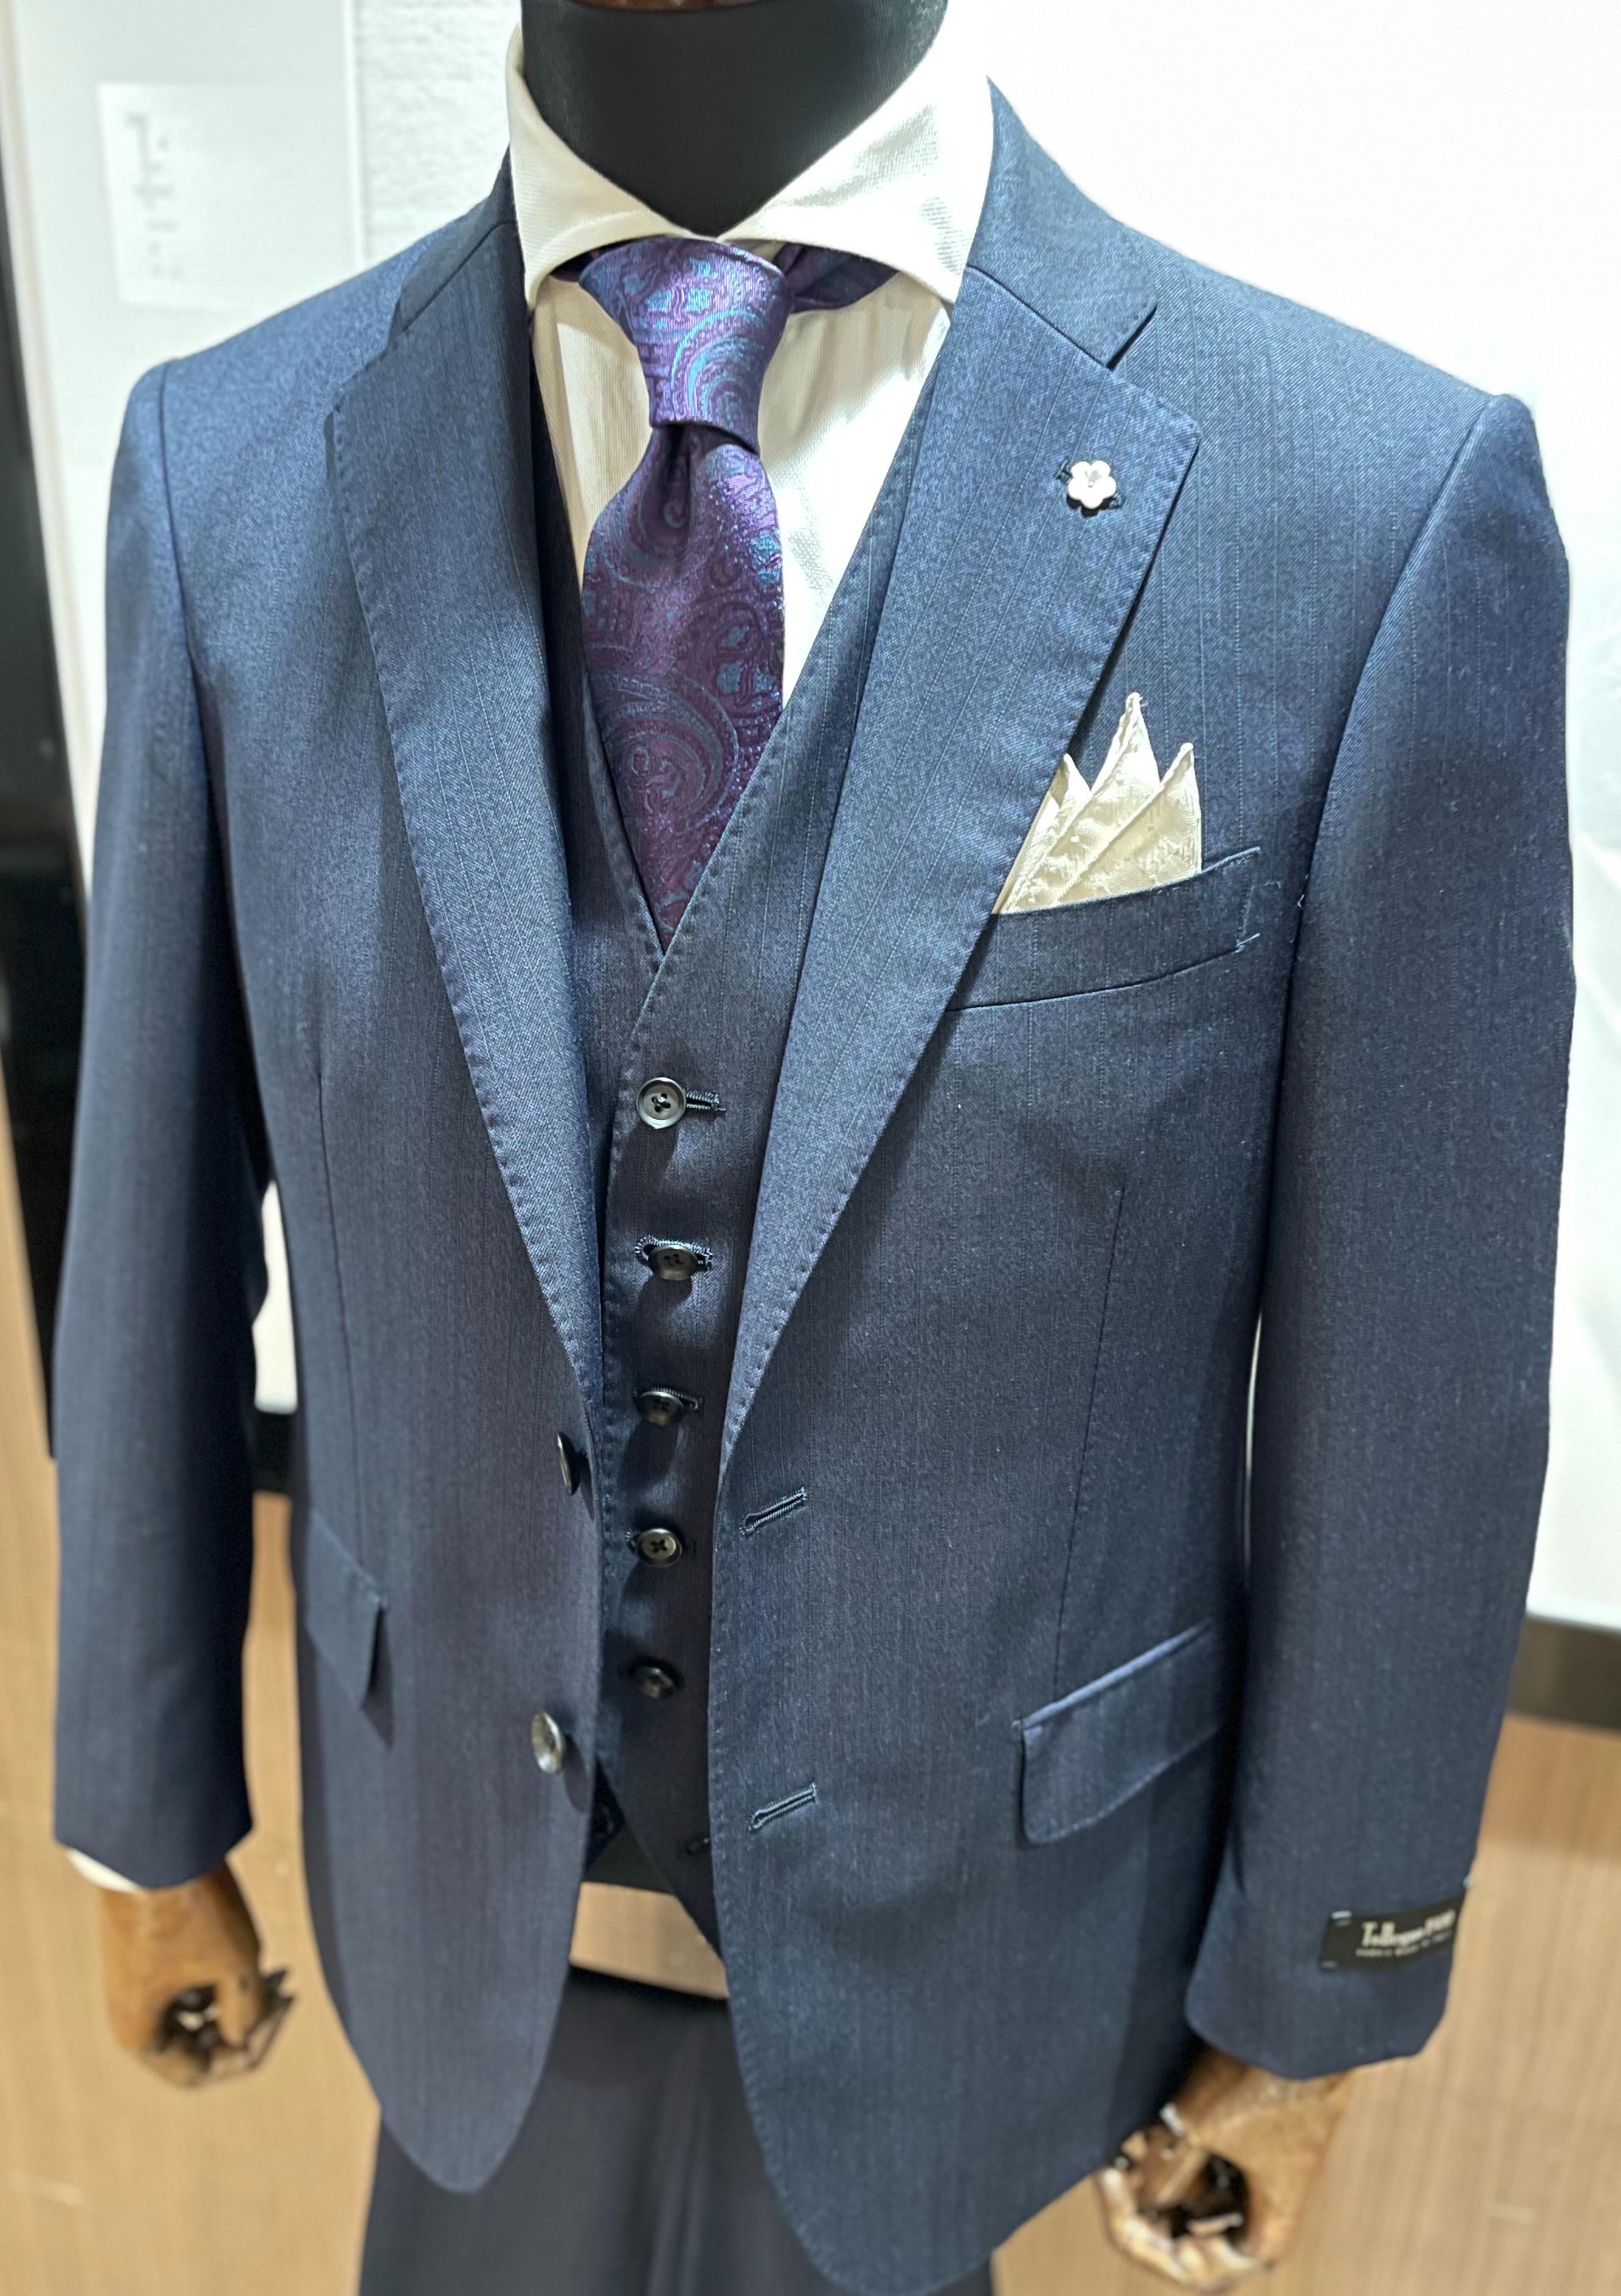 ☆【秋冬】『あなただけ』の紳士服オーダースタイル【2021】☆